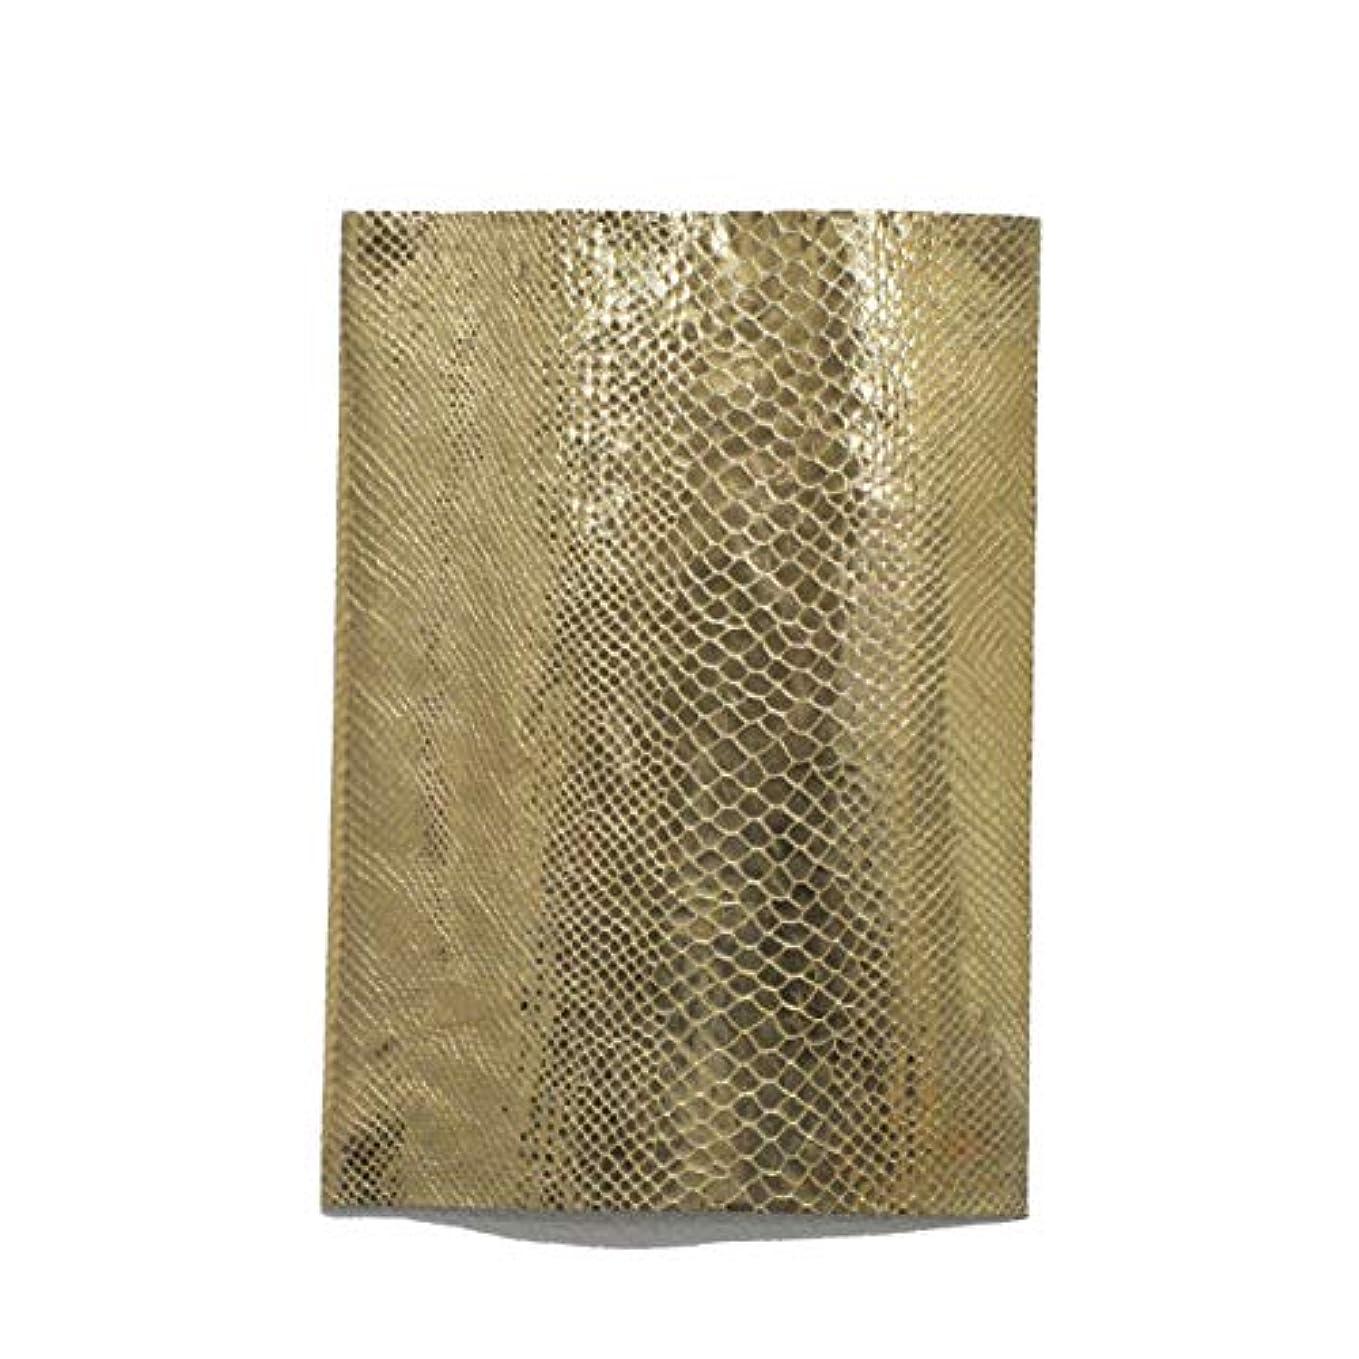 連邦バウンス中級TOKEN トーケン レザークラフト 材料 皮 革 日本産 羊革 シープ 箔型押し パイソン レザー 厚さ 約1.0mm?1.4mm(芯貼り有り) (GOLDパイソン, A4)